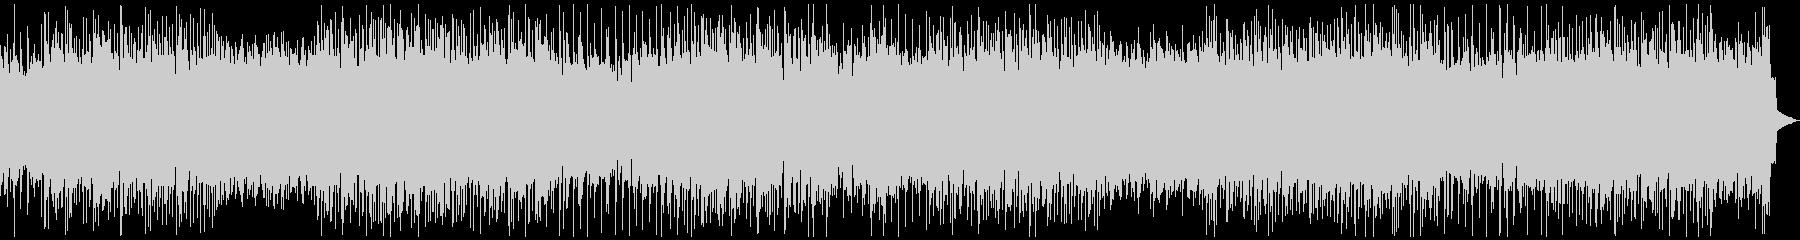 【生演奏】ギターインストゥルメンタルの未再生の波形